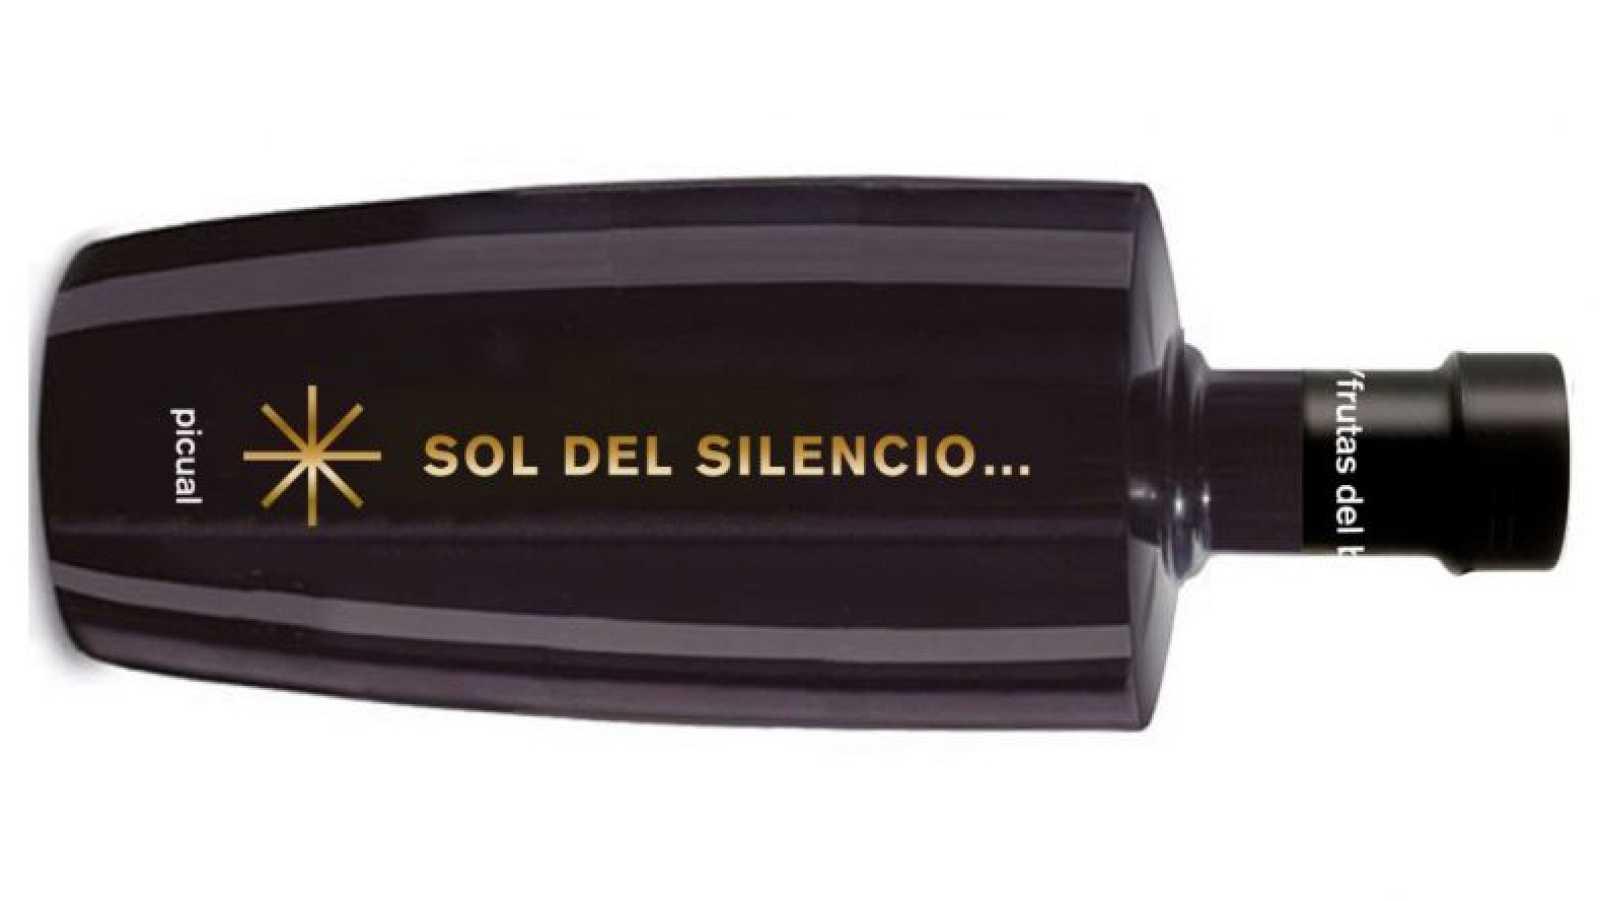 En clave turismo - Sol del Silencio, primer aove de Bodegas Habla  - 07/10/20 - Escuchar ahora